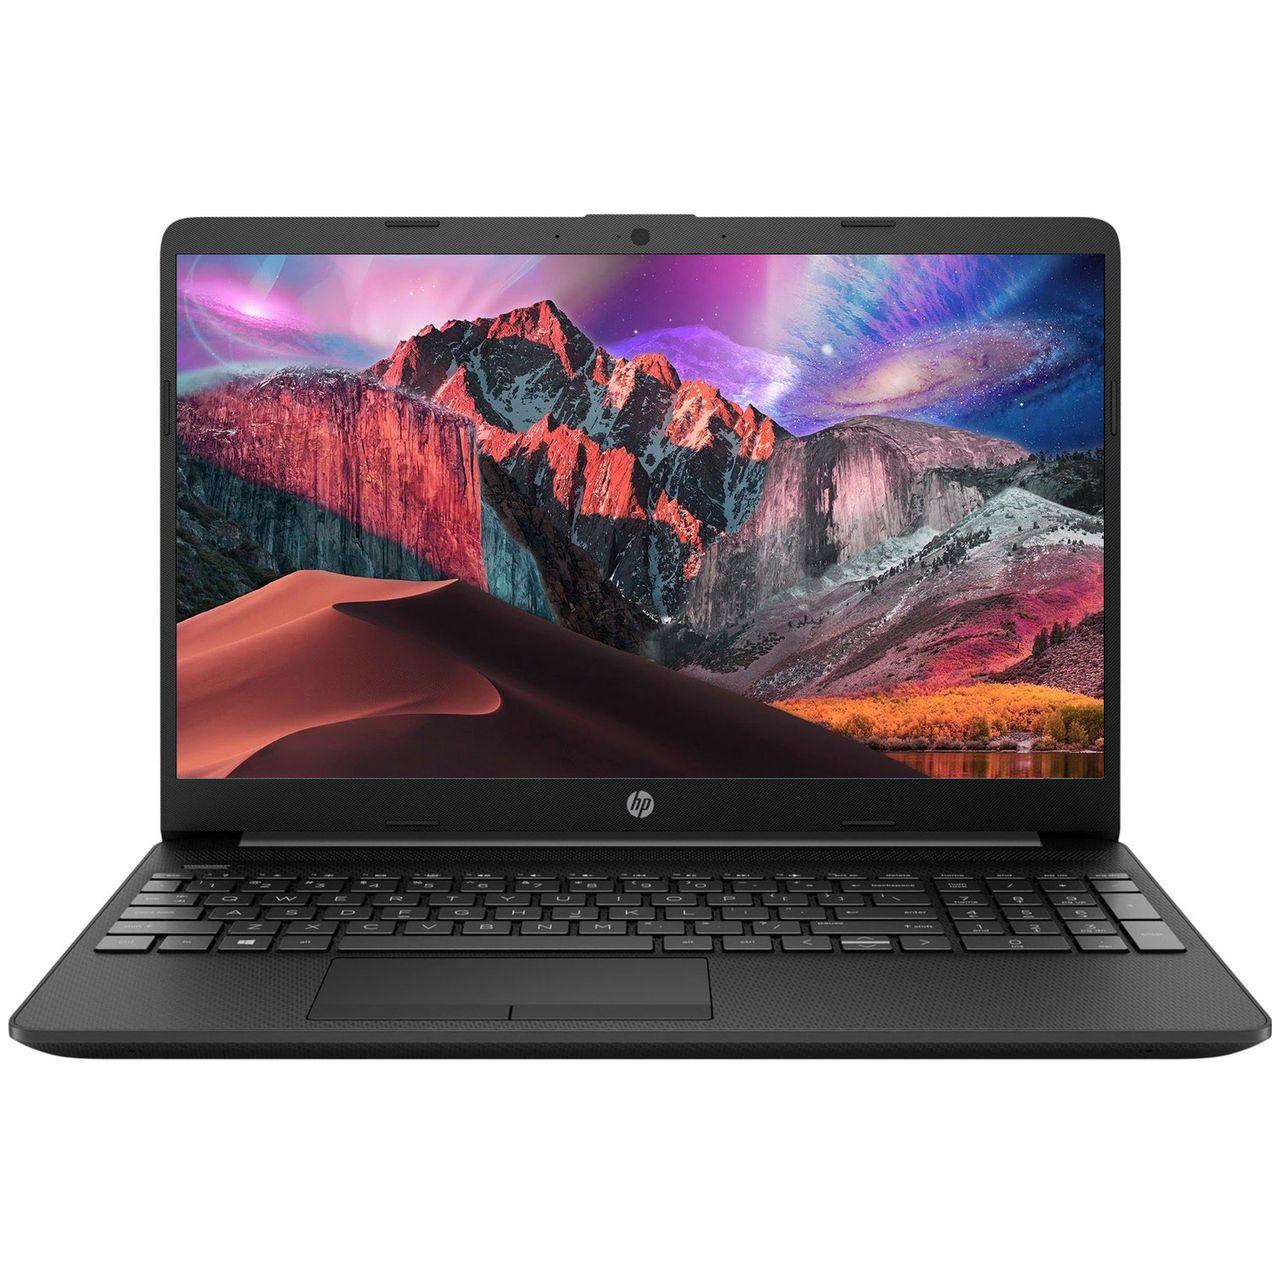 لپ تاپ 15.6 اینچی اچپی مدل DW2196-A - NB